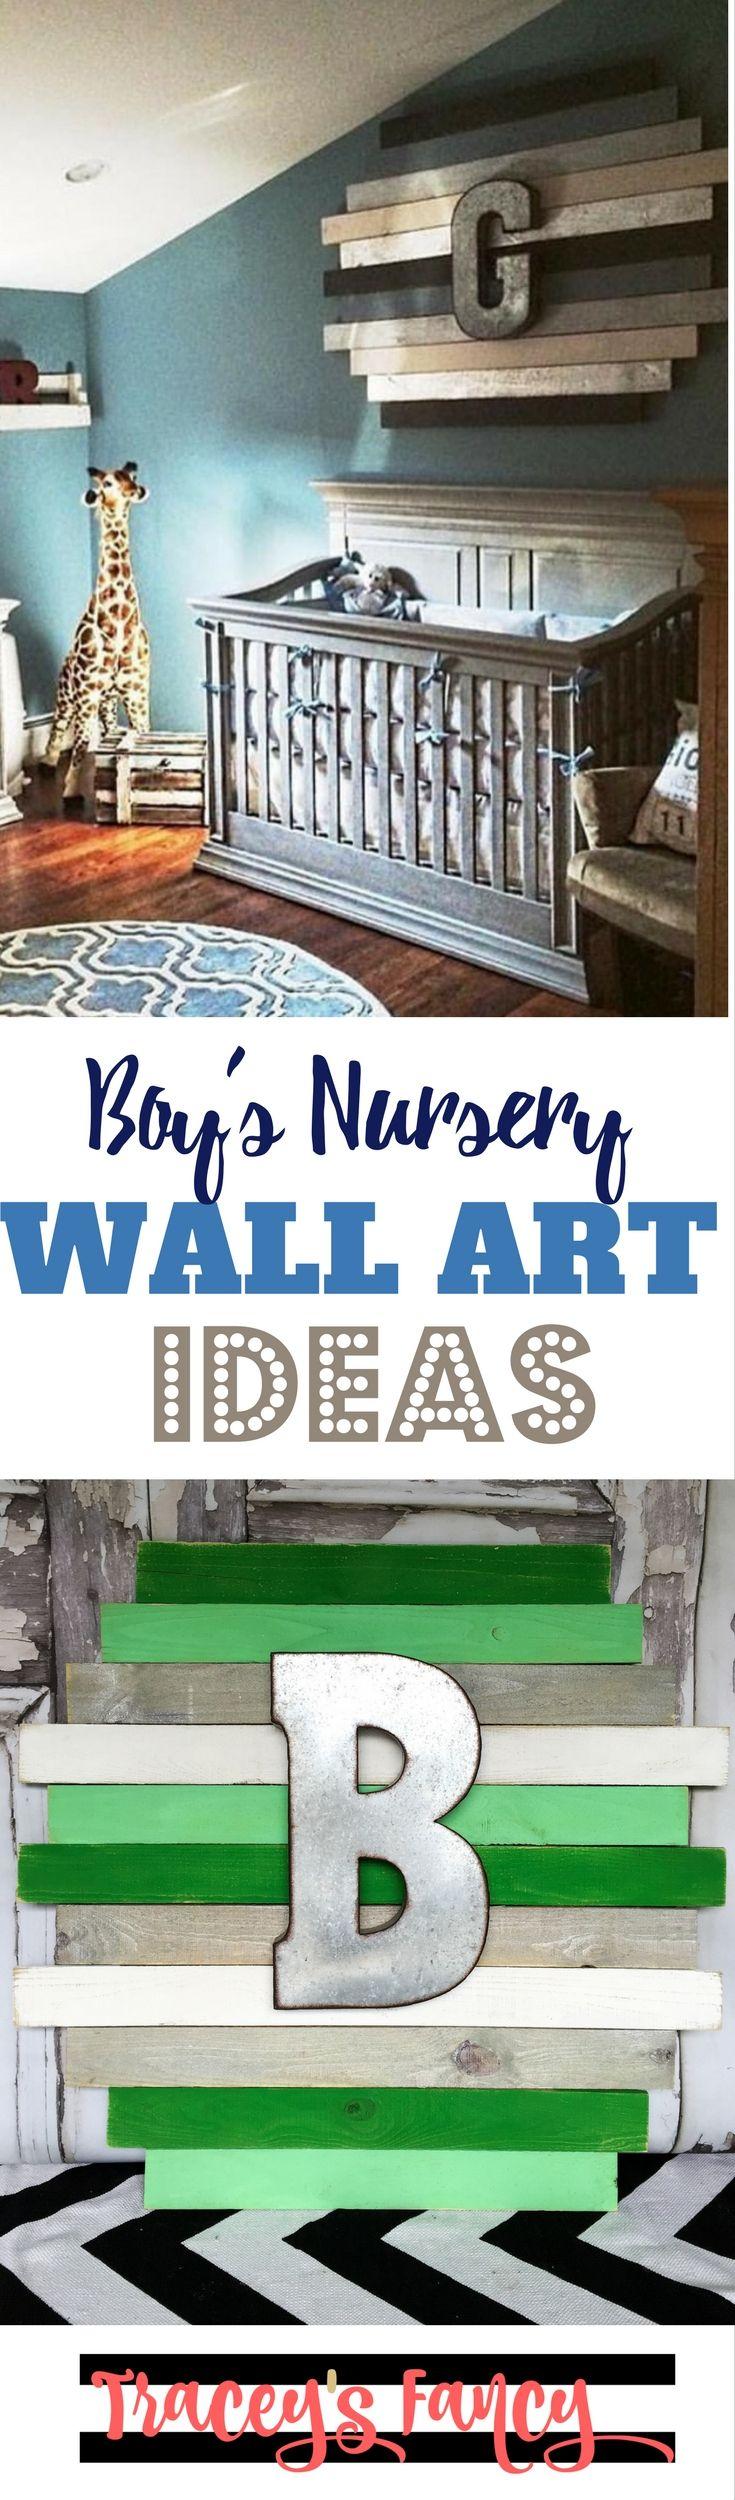 Wonderful Wall Art Ideas for a Boys Nursery | Traceys Fancy | Painted Nursery Decor for boys